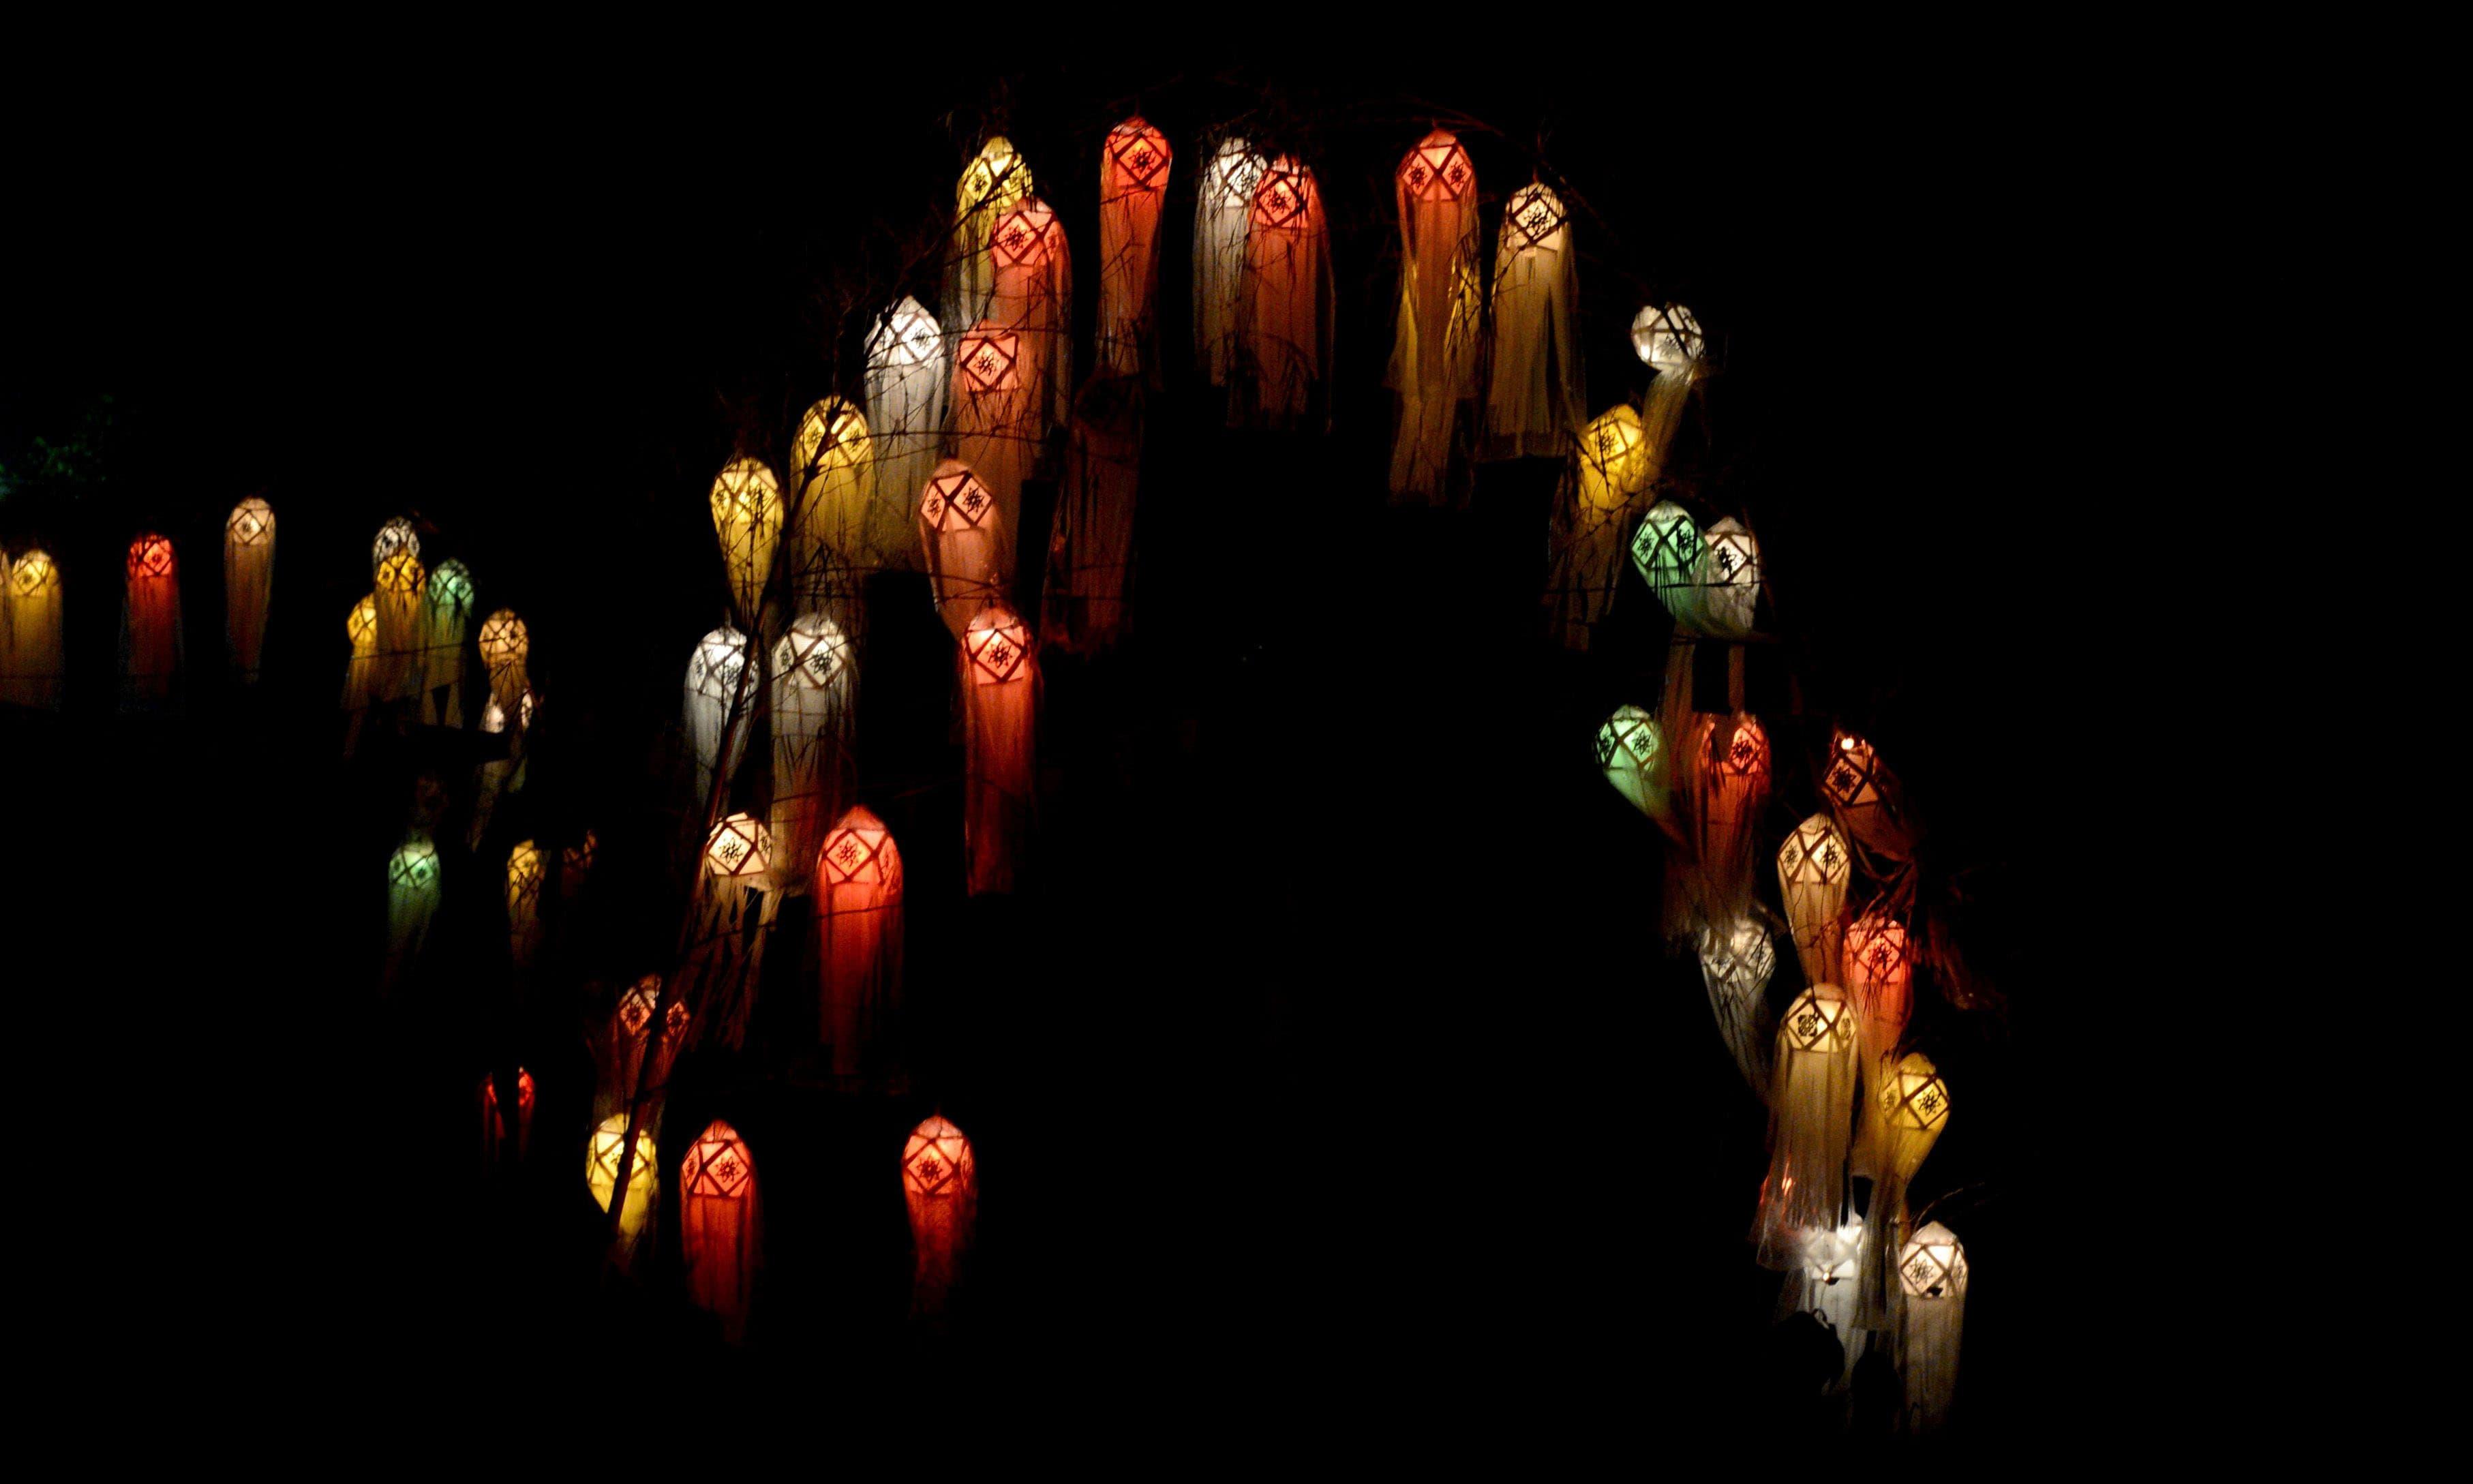 ویسک کے جشن کے موقع پر کاغذ سے بنی شاندار لالٹینوں سے آسمان کو روشن کیا گیا —فوٹو/ اے ایف پی